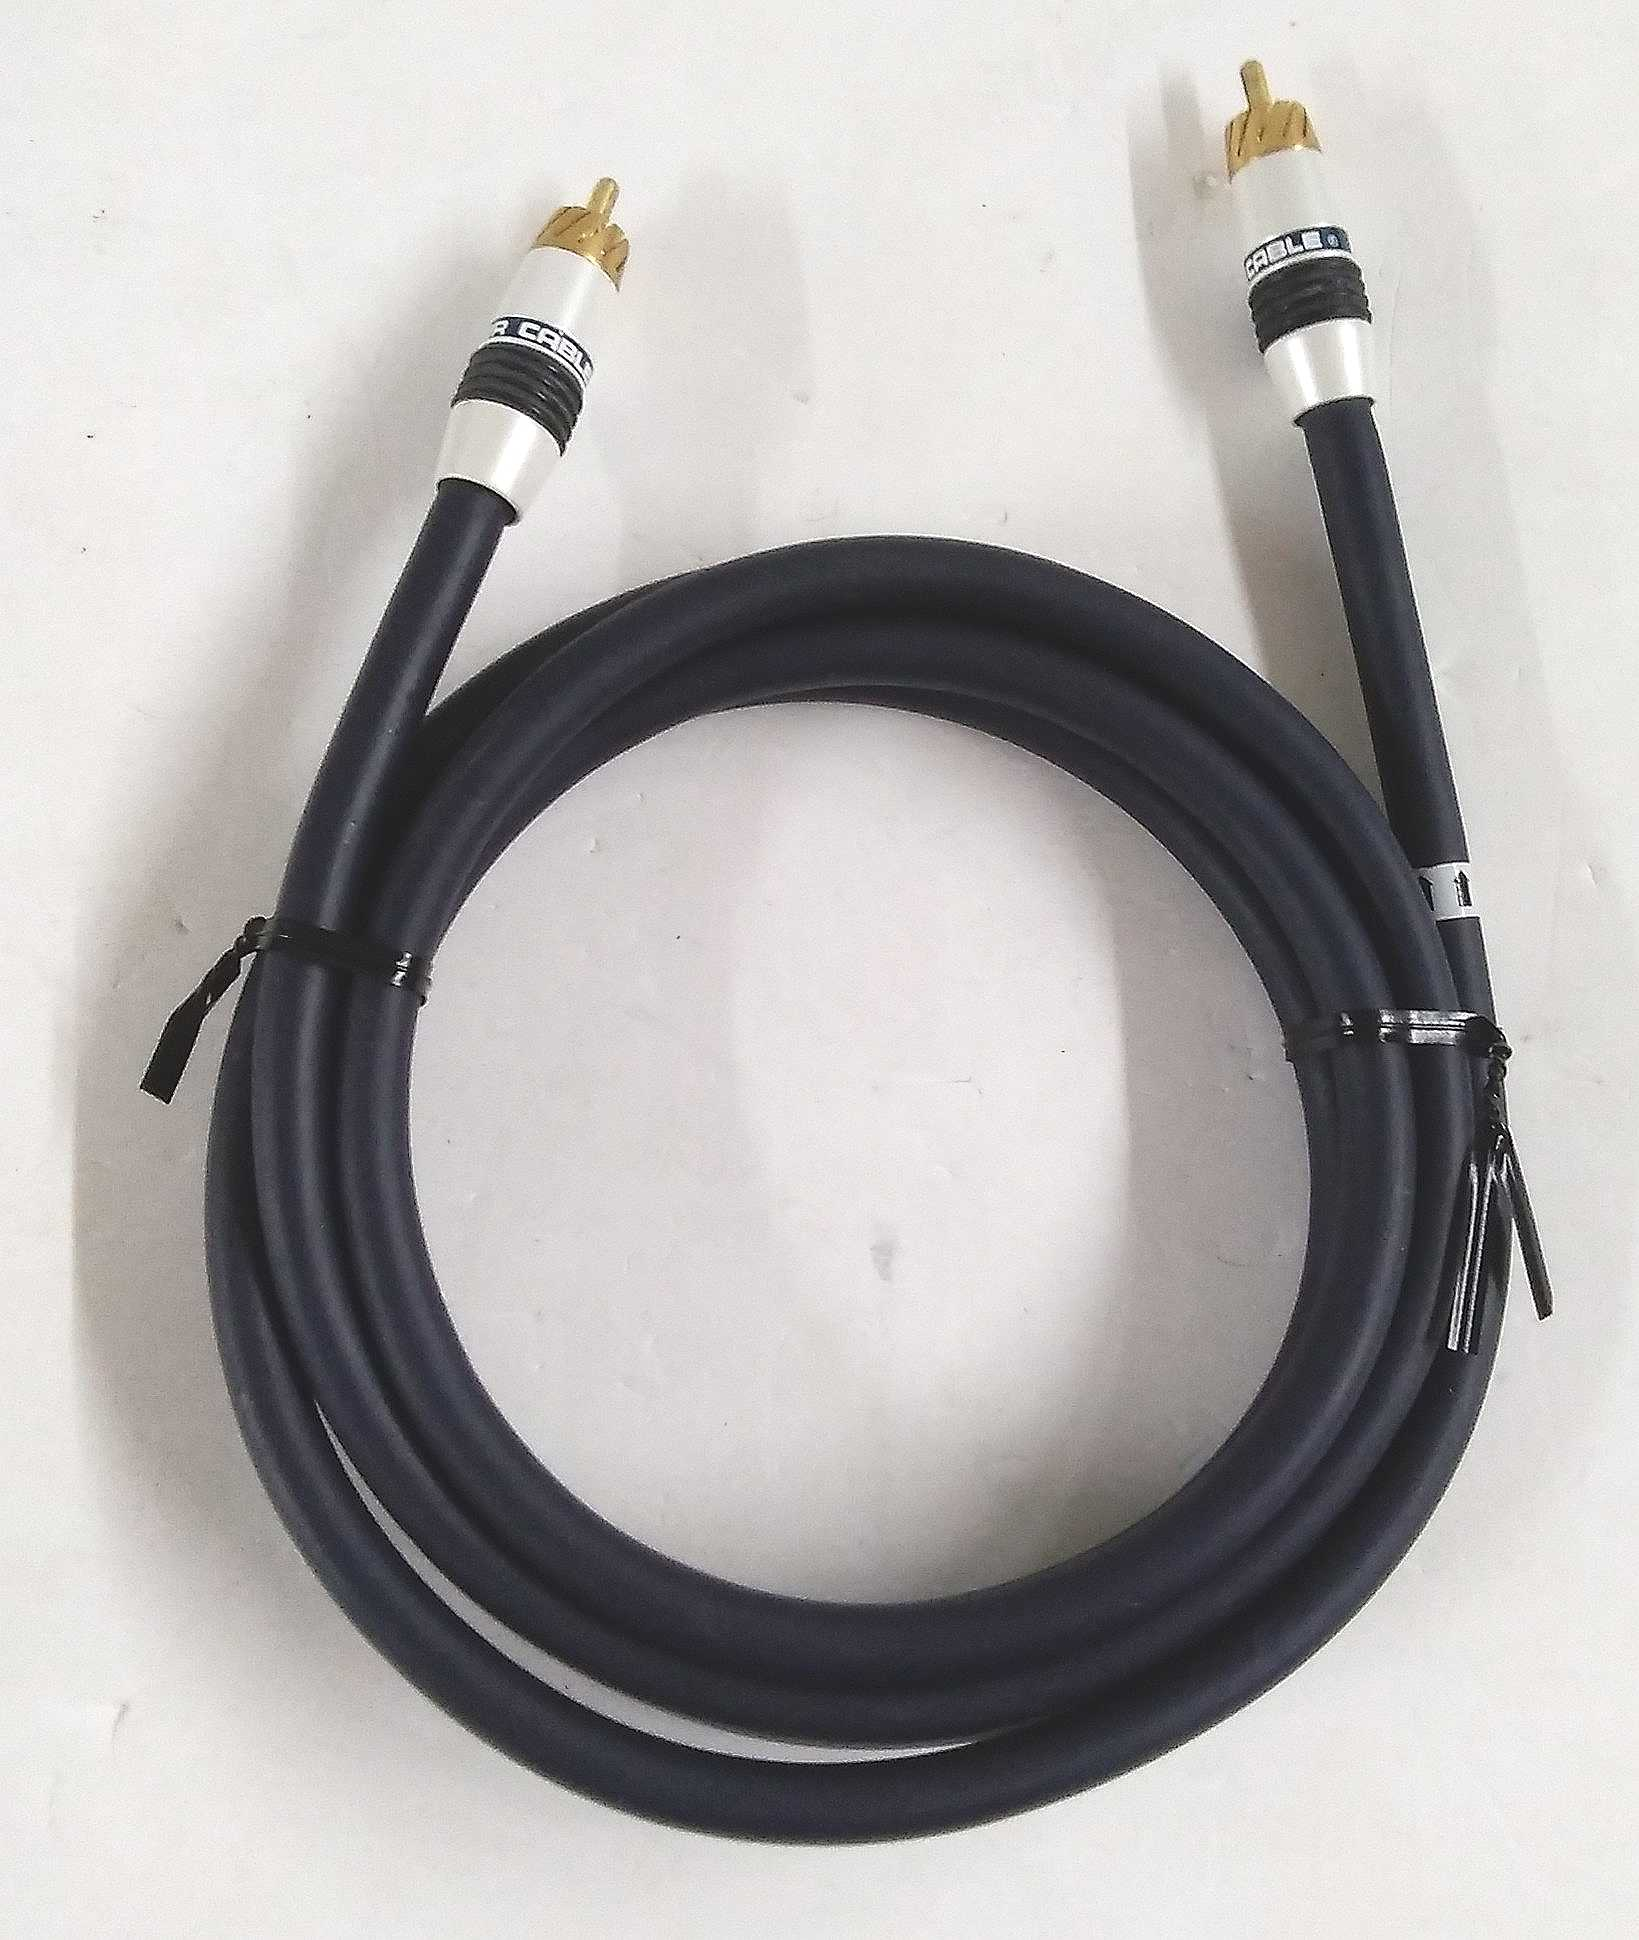 同軸ケーブル MONSTER CABLE